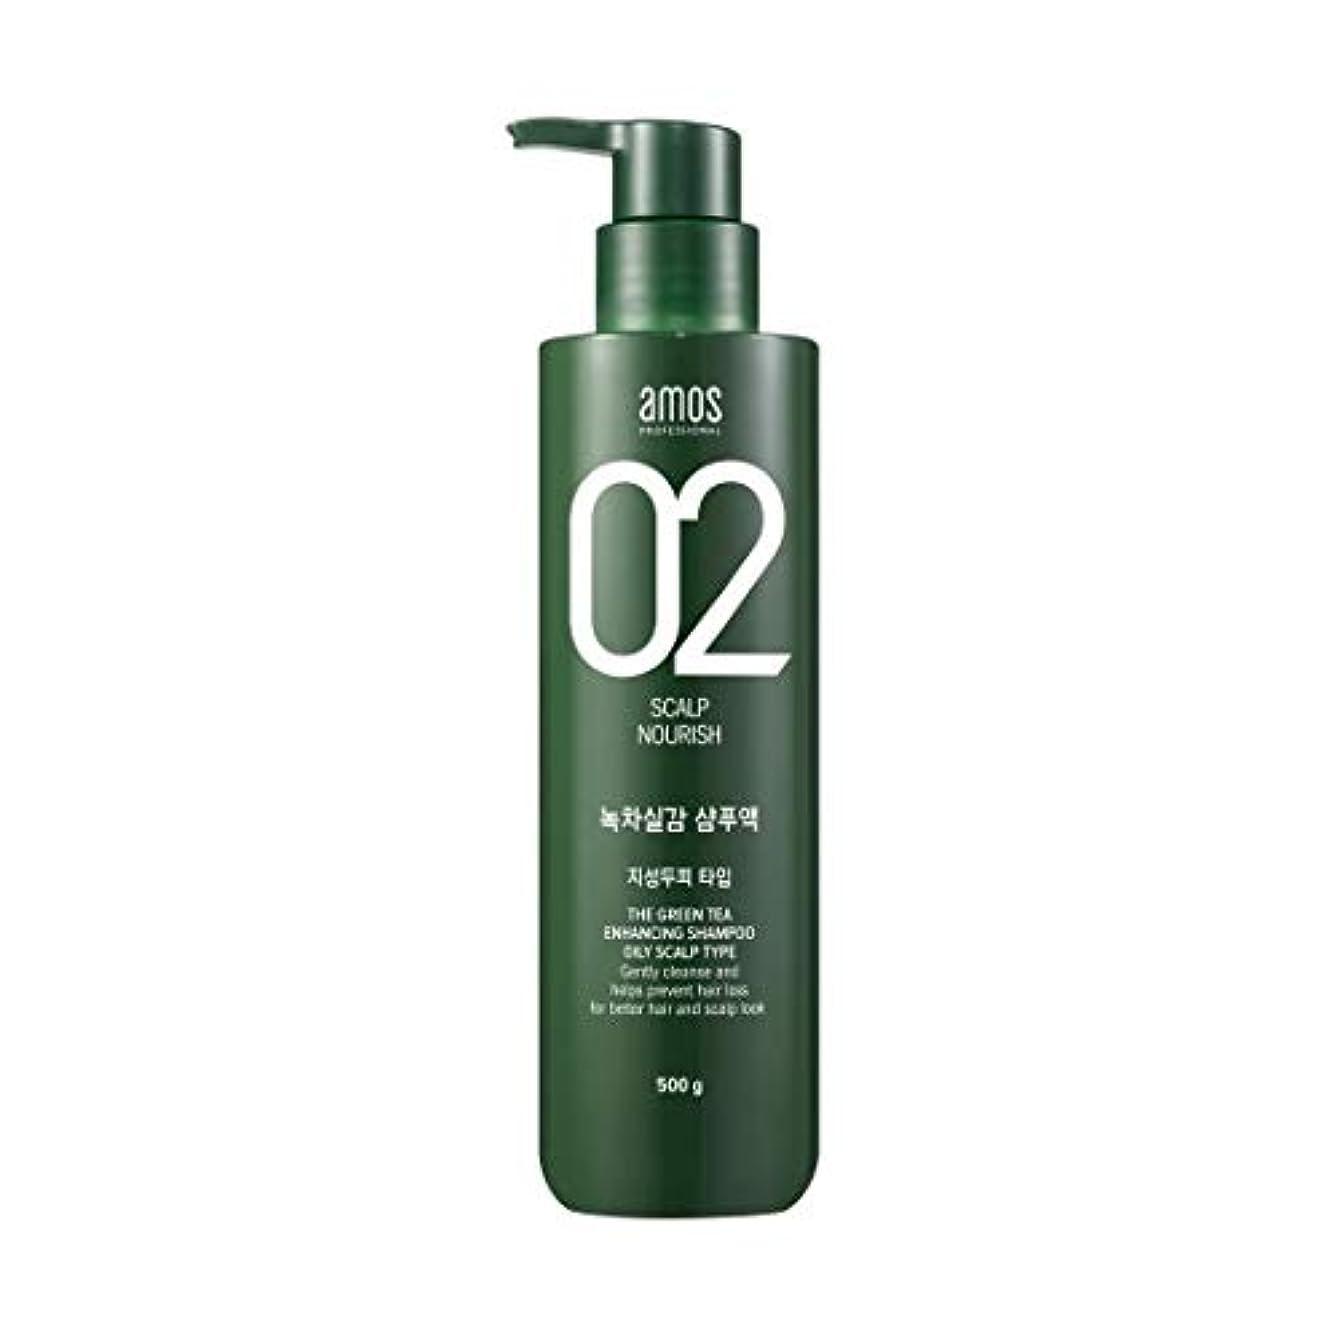 希少性副産物テナントAmos Green Tea Enhancing Shampoo -Oily 500g / アモス ザ グリーンティー エンハンシング シャンプー # 脂性 オイリー スカルプタイプ [並行輸入品]